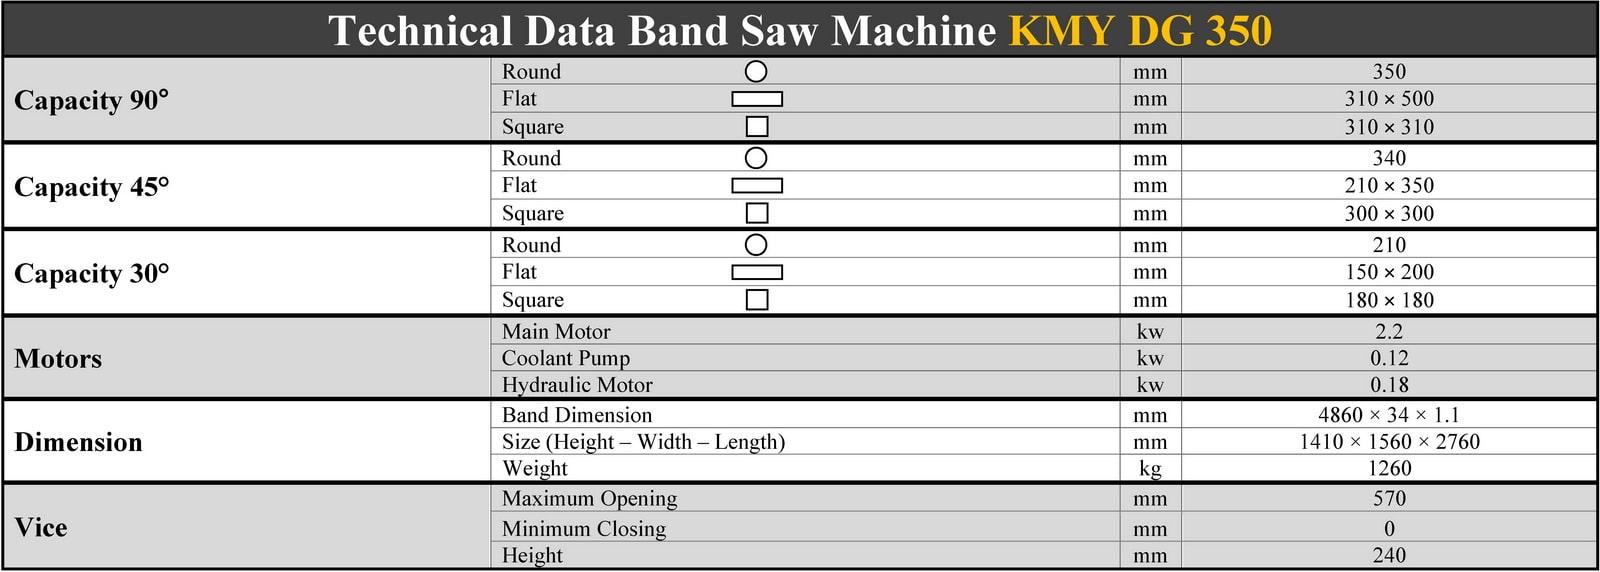 مشخصات فنی دستگاه اره نواری بازویی نیمه اتوماتیک زاویه زن - KMY DG 350